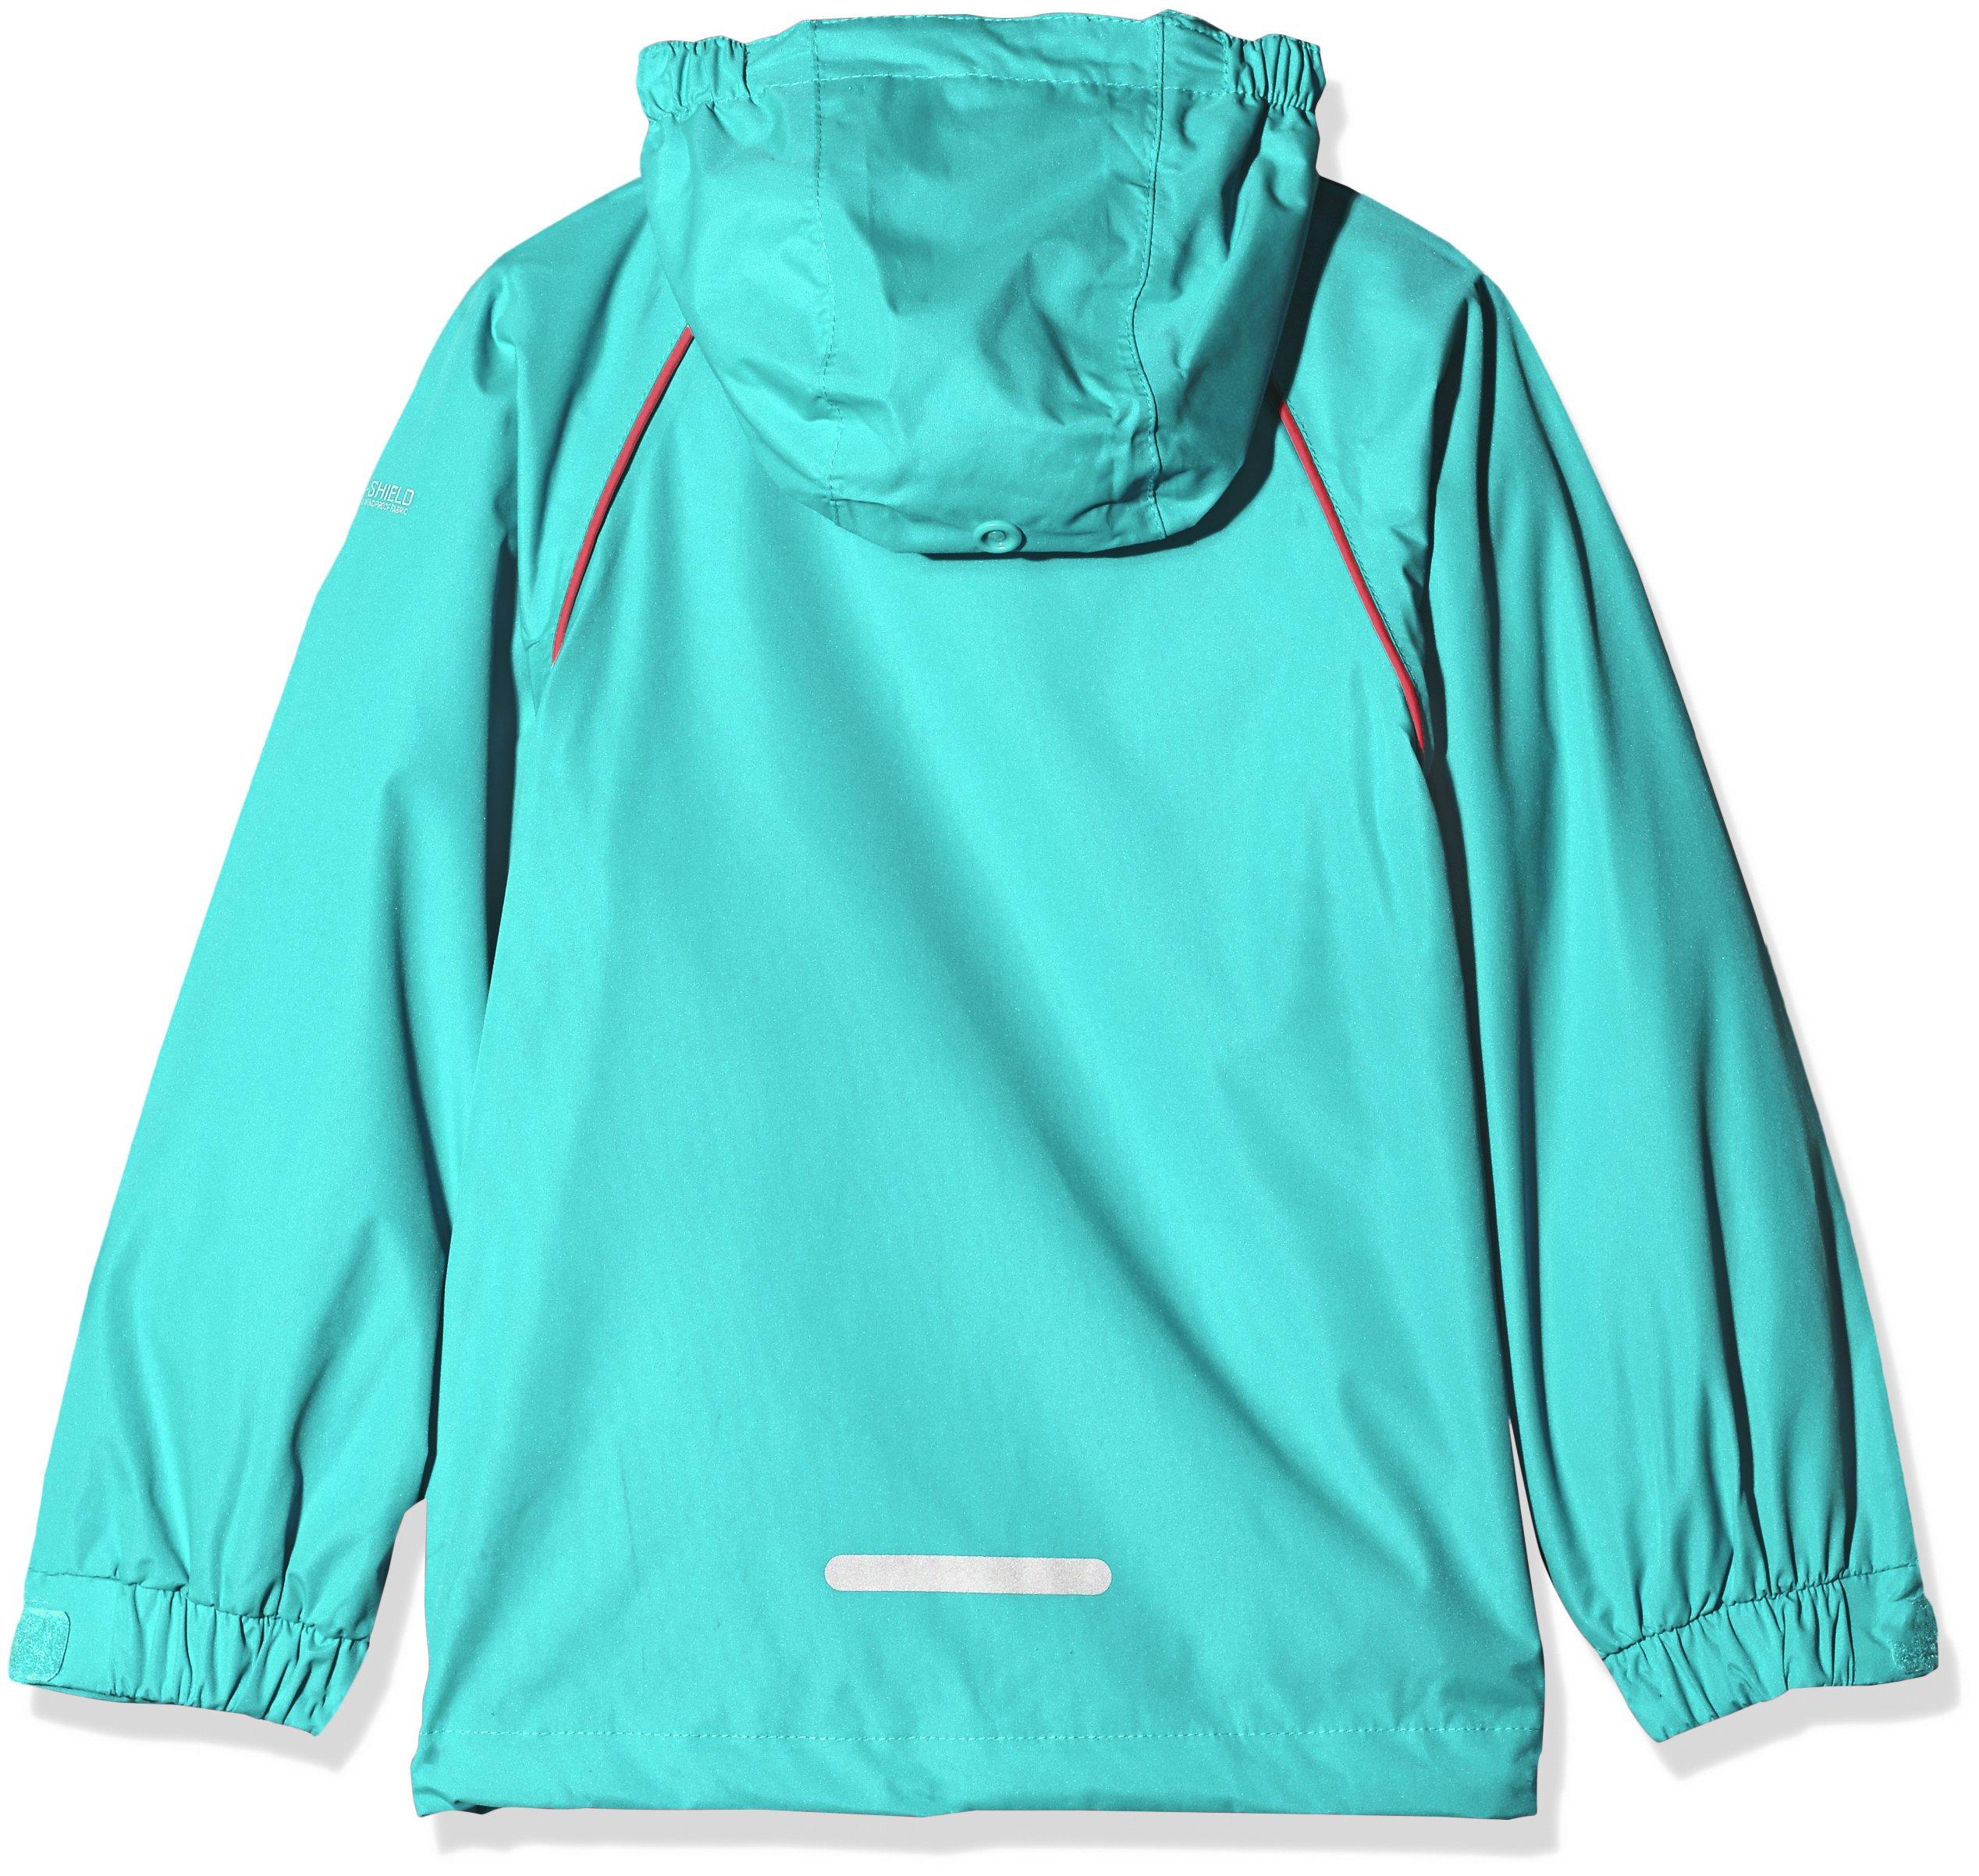 Trespass Kids' Lunaria Waterproof Rain/Outdoor Jacket 2